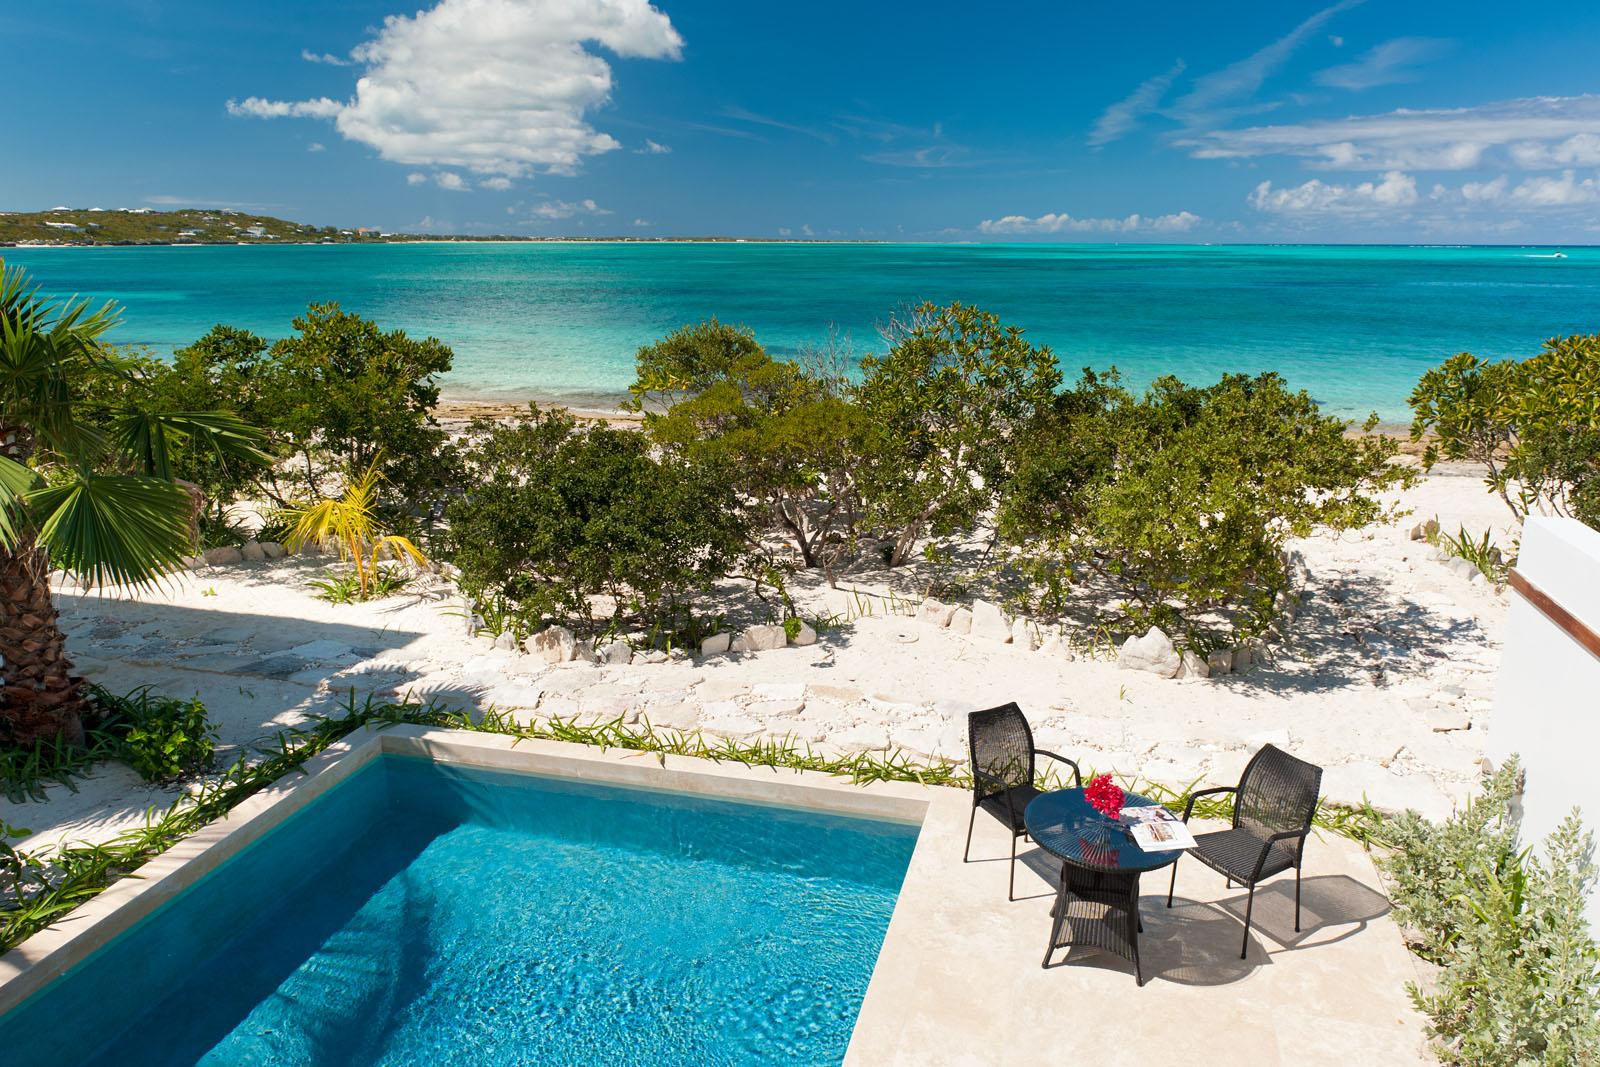 water edge villa, grace bay beach, providenciales (provo) / turks